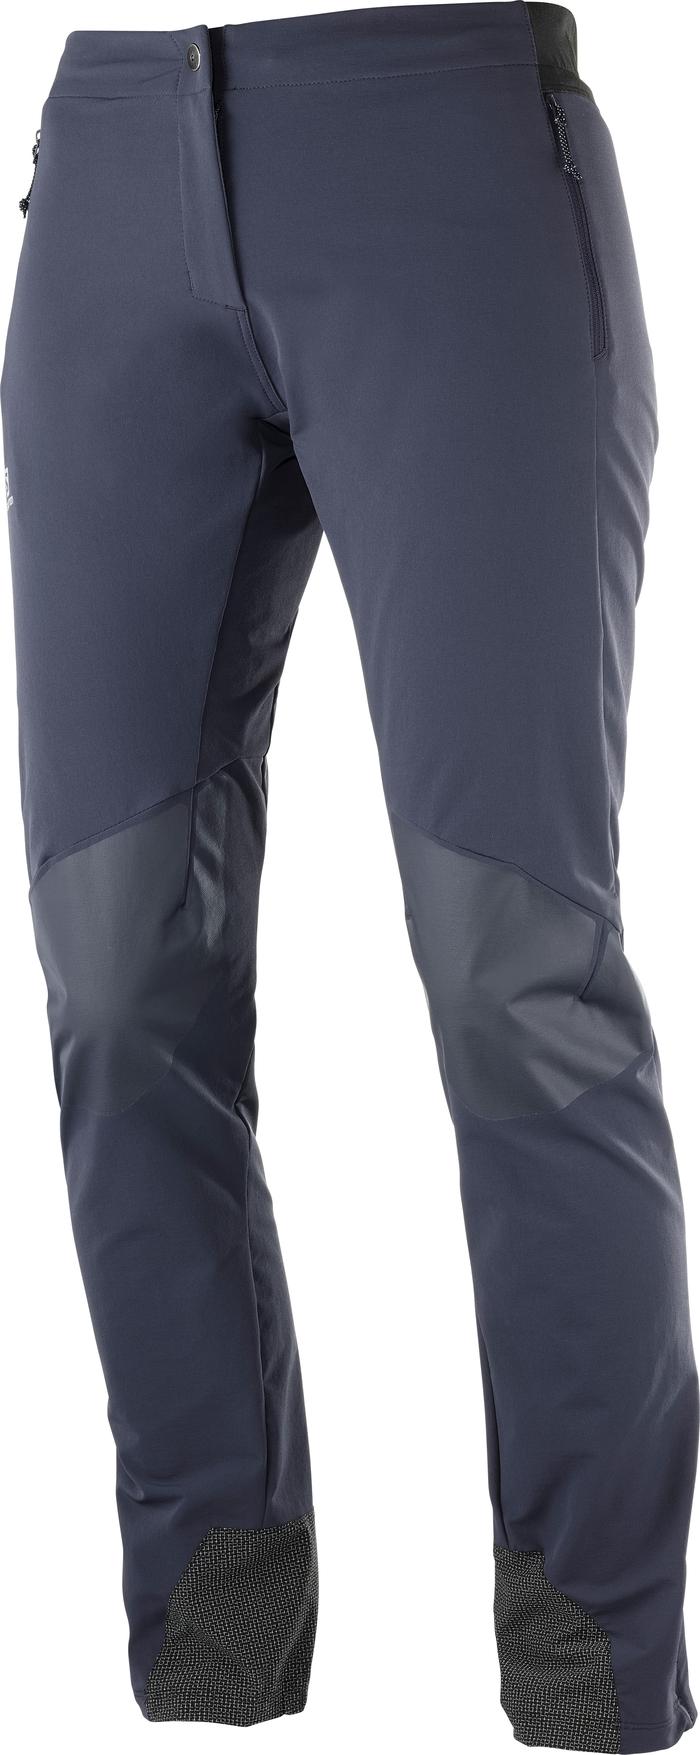 Salomon - Wayfarer Mountain Pant W - Walking pants - Women's